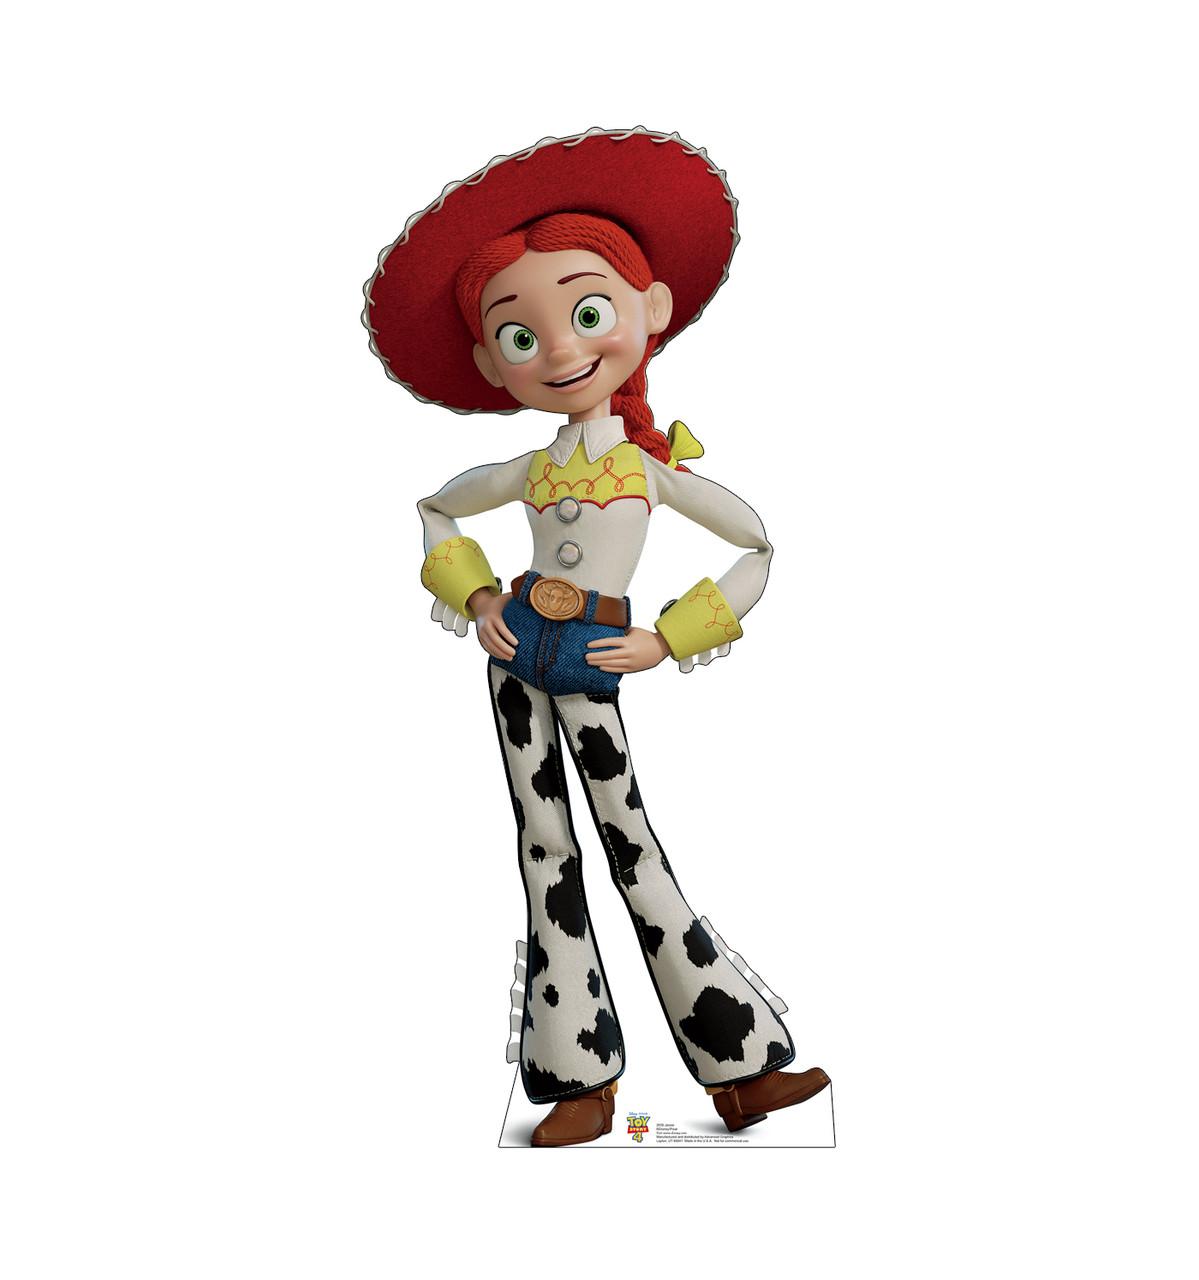 Jessie - Life Size Toy Story 4 Cardboard Cutout